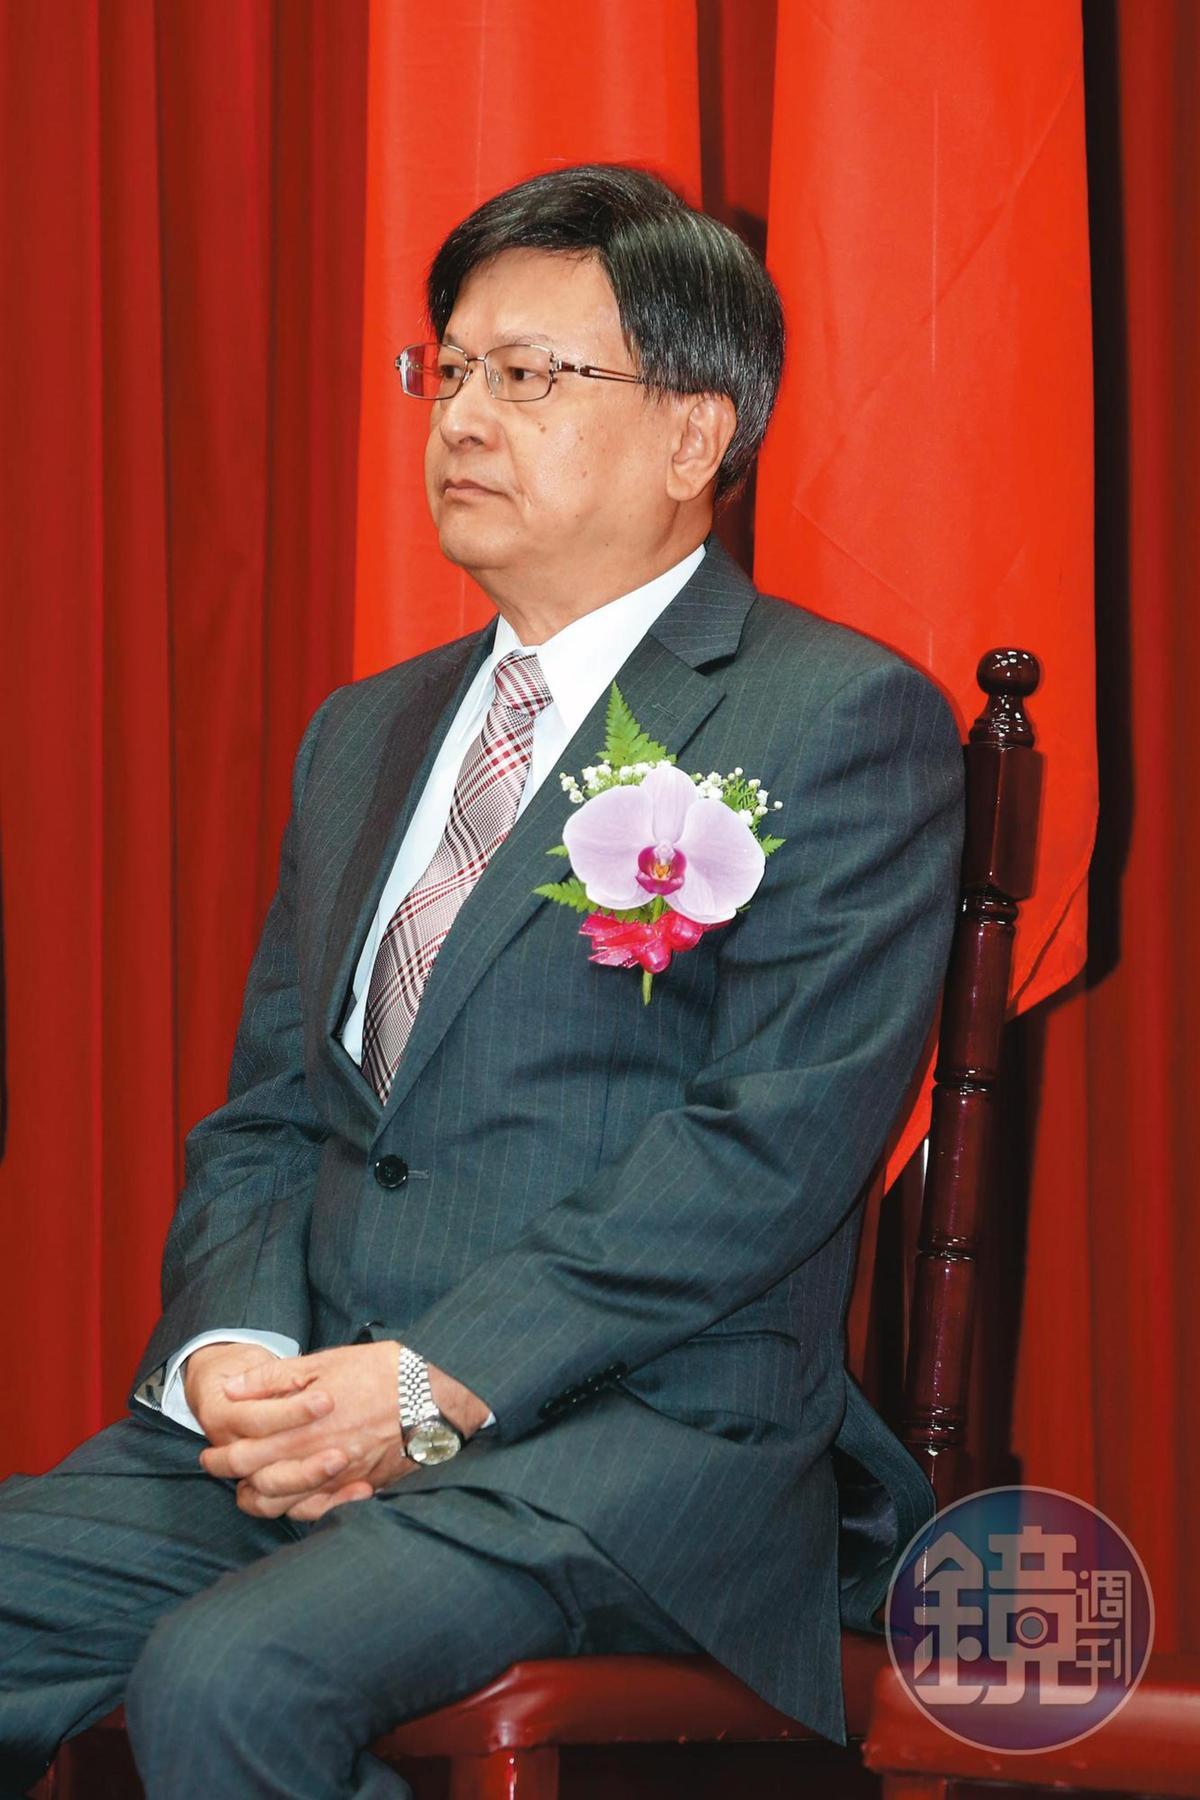 前公懲會委員長石木欽(圖)與富商翁茂鍾不當往來,遭彈劾後面臨吐回退休金。